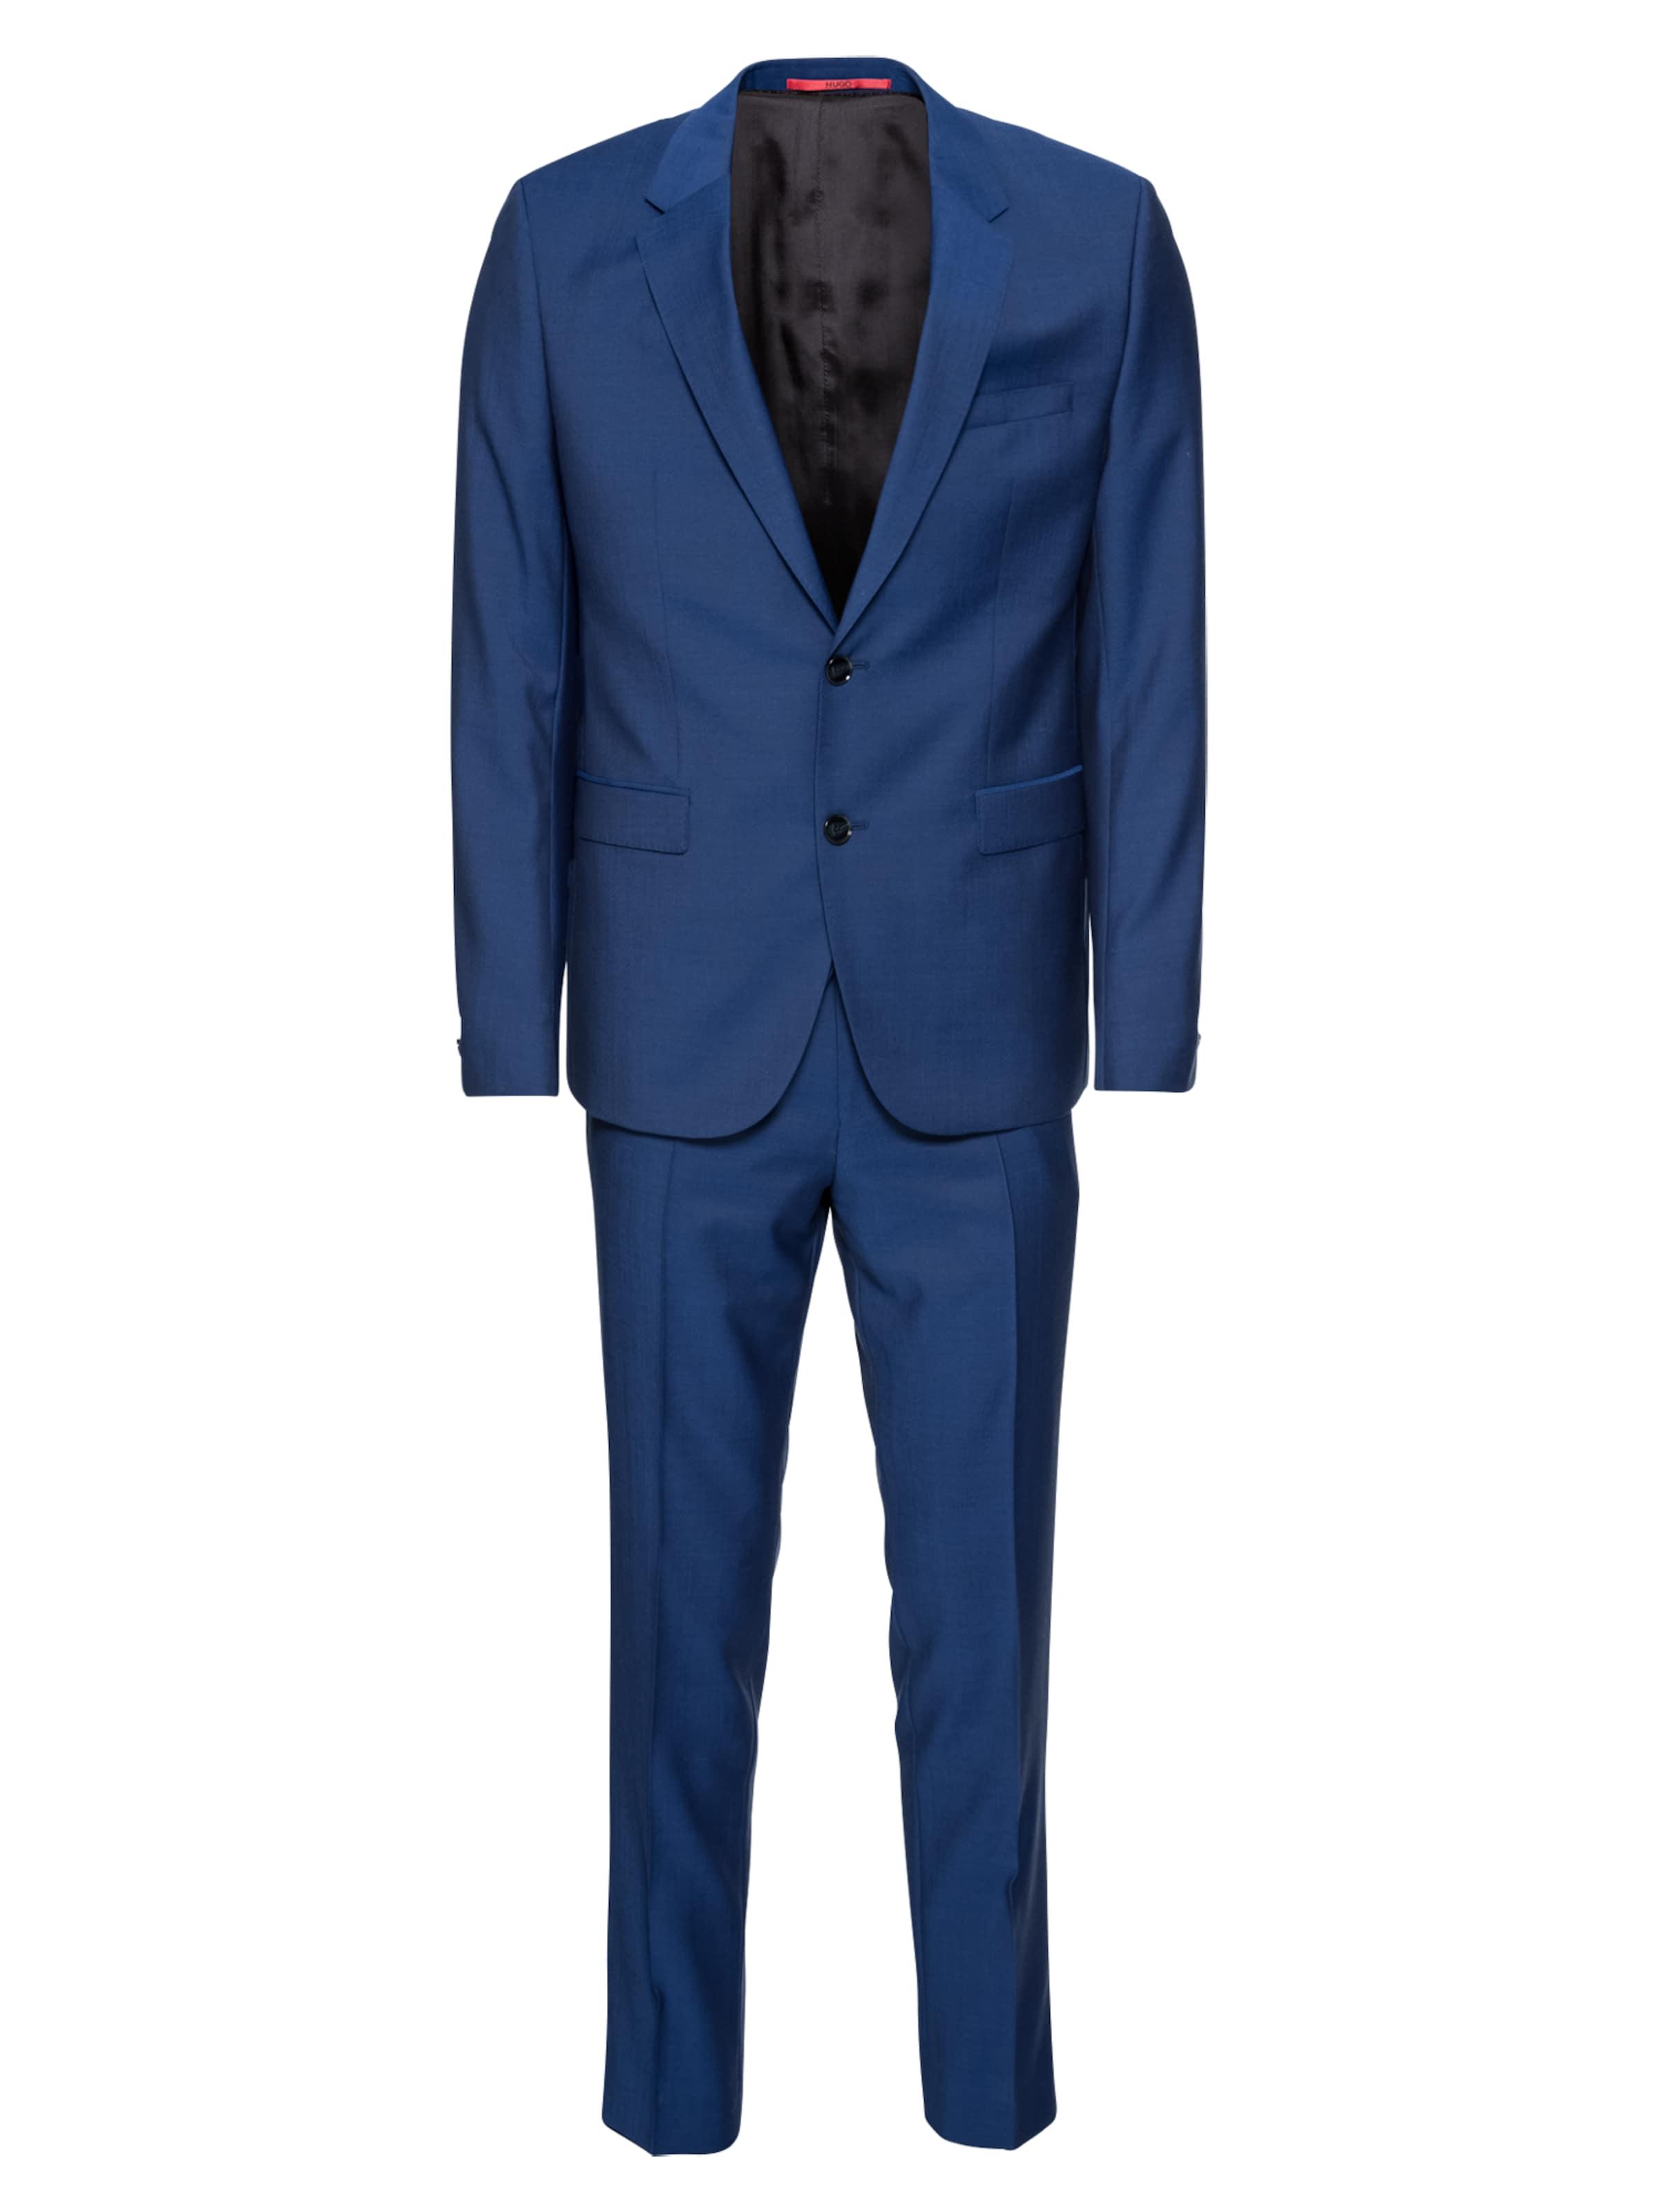 hets184v1 10178011 Hugo 0' 'astian Costume Bleu En SMpqVzU